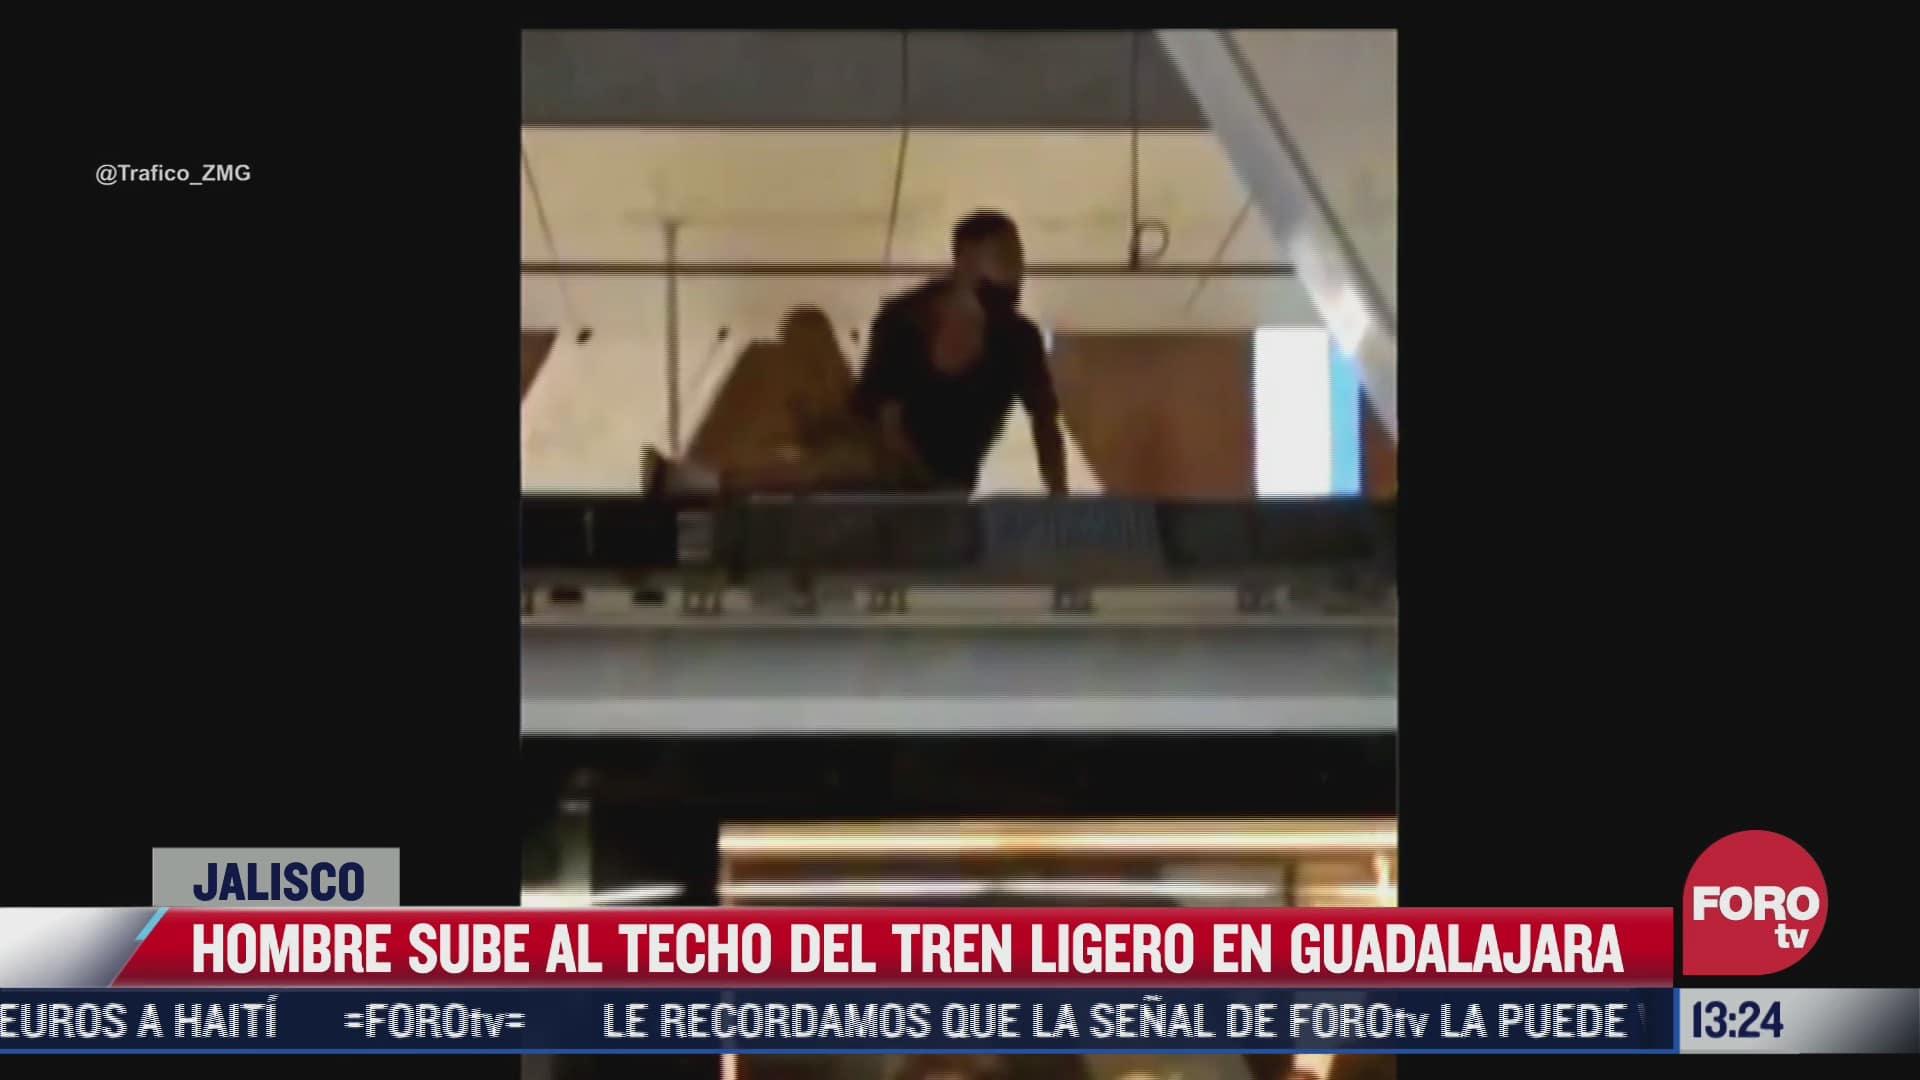 video hombre cuando subio al techo del tren ligero en guadalajara